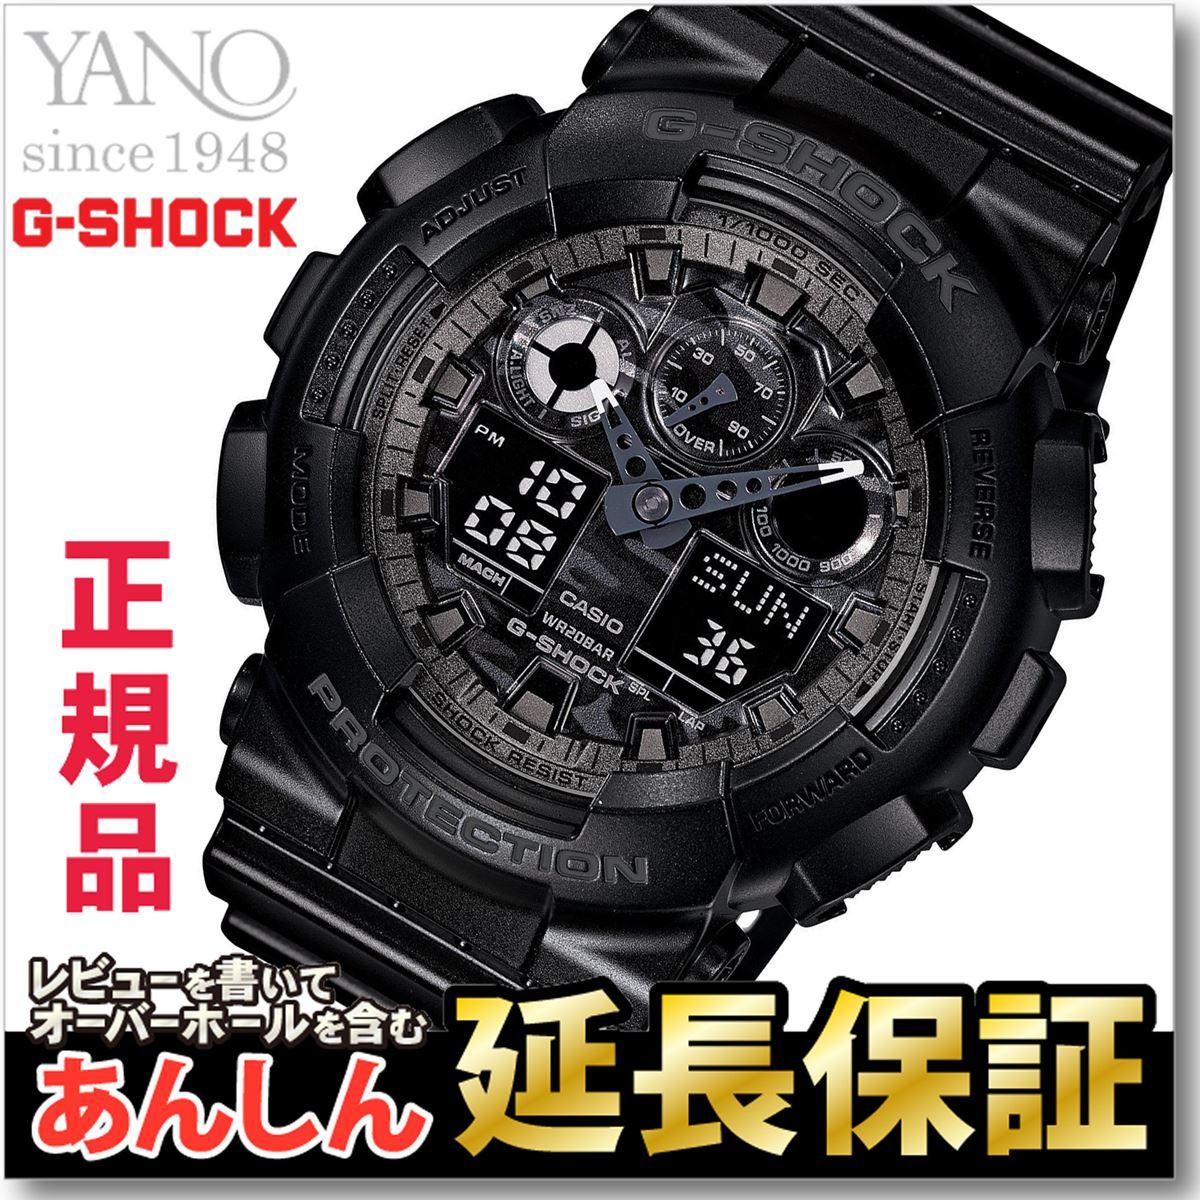 カシオ Gショック GA-100CF-1AJF カモフラ メンズ 腕時計 アナデジ BIGCASE CASIO G-SHOCK【正規品】【店頭受取対応商品】